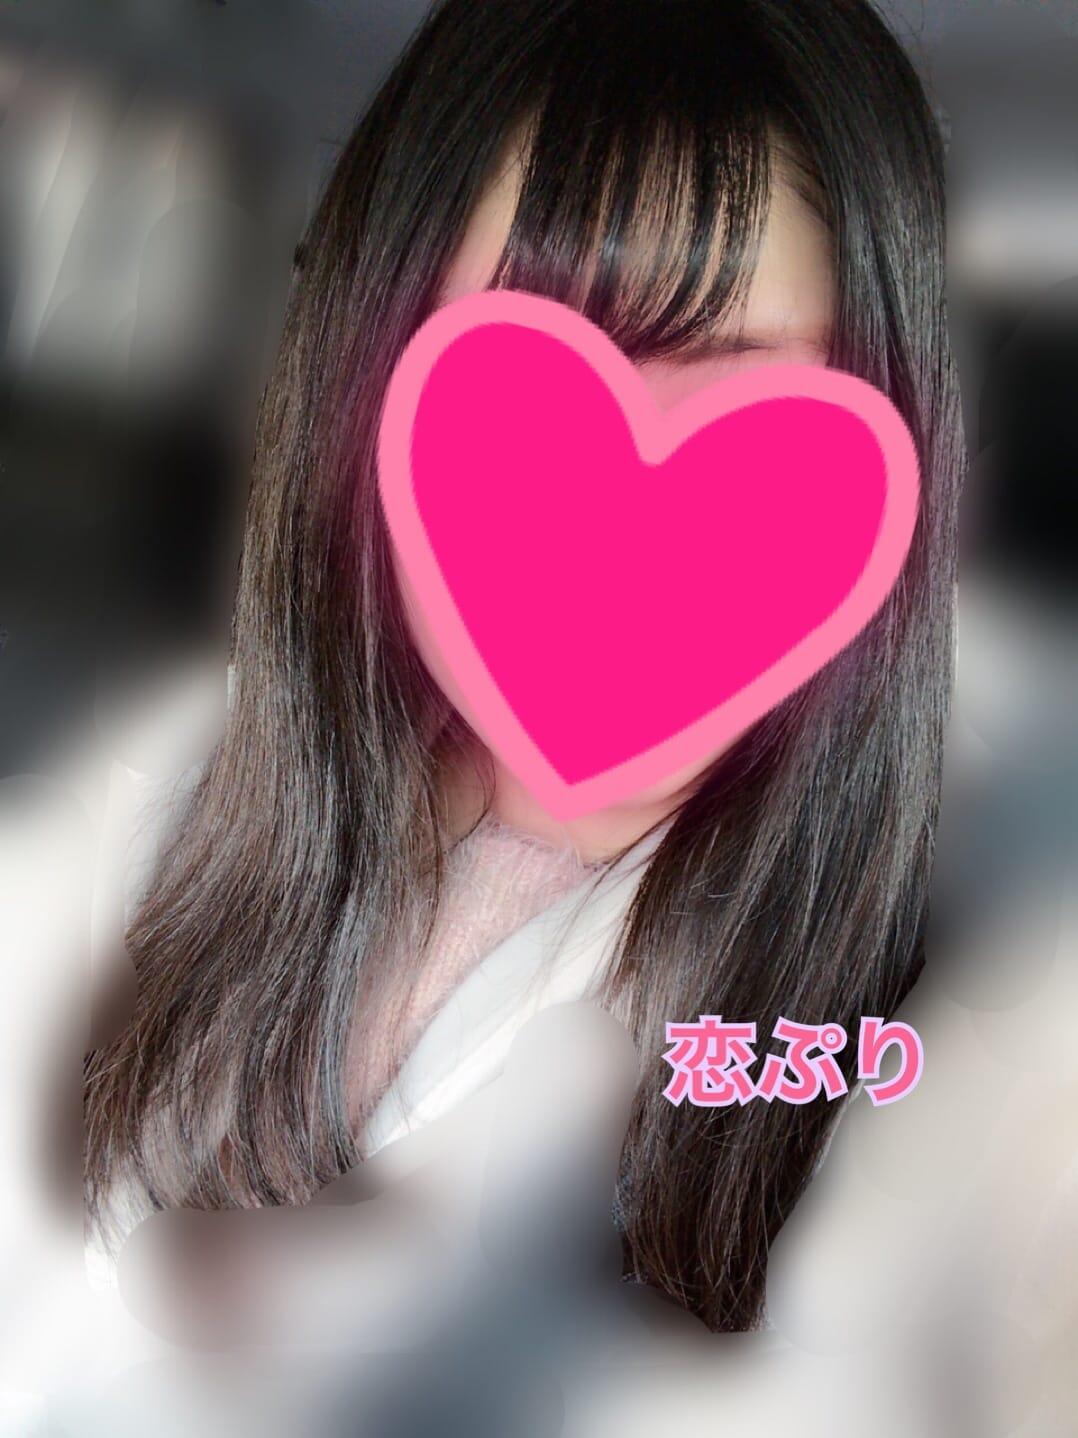 そら「元気が1番!!!」01/05(金) 16:20 | そらの写メ・風俗動画